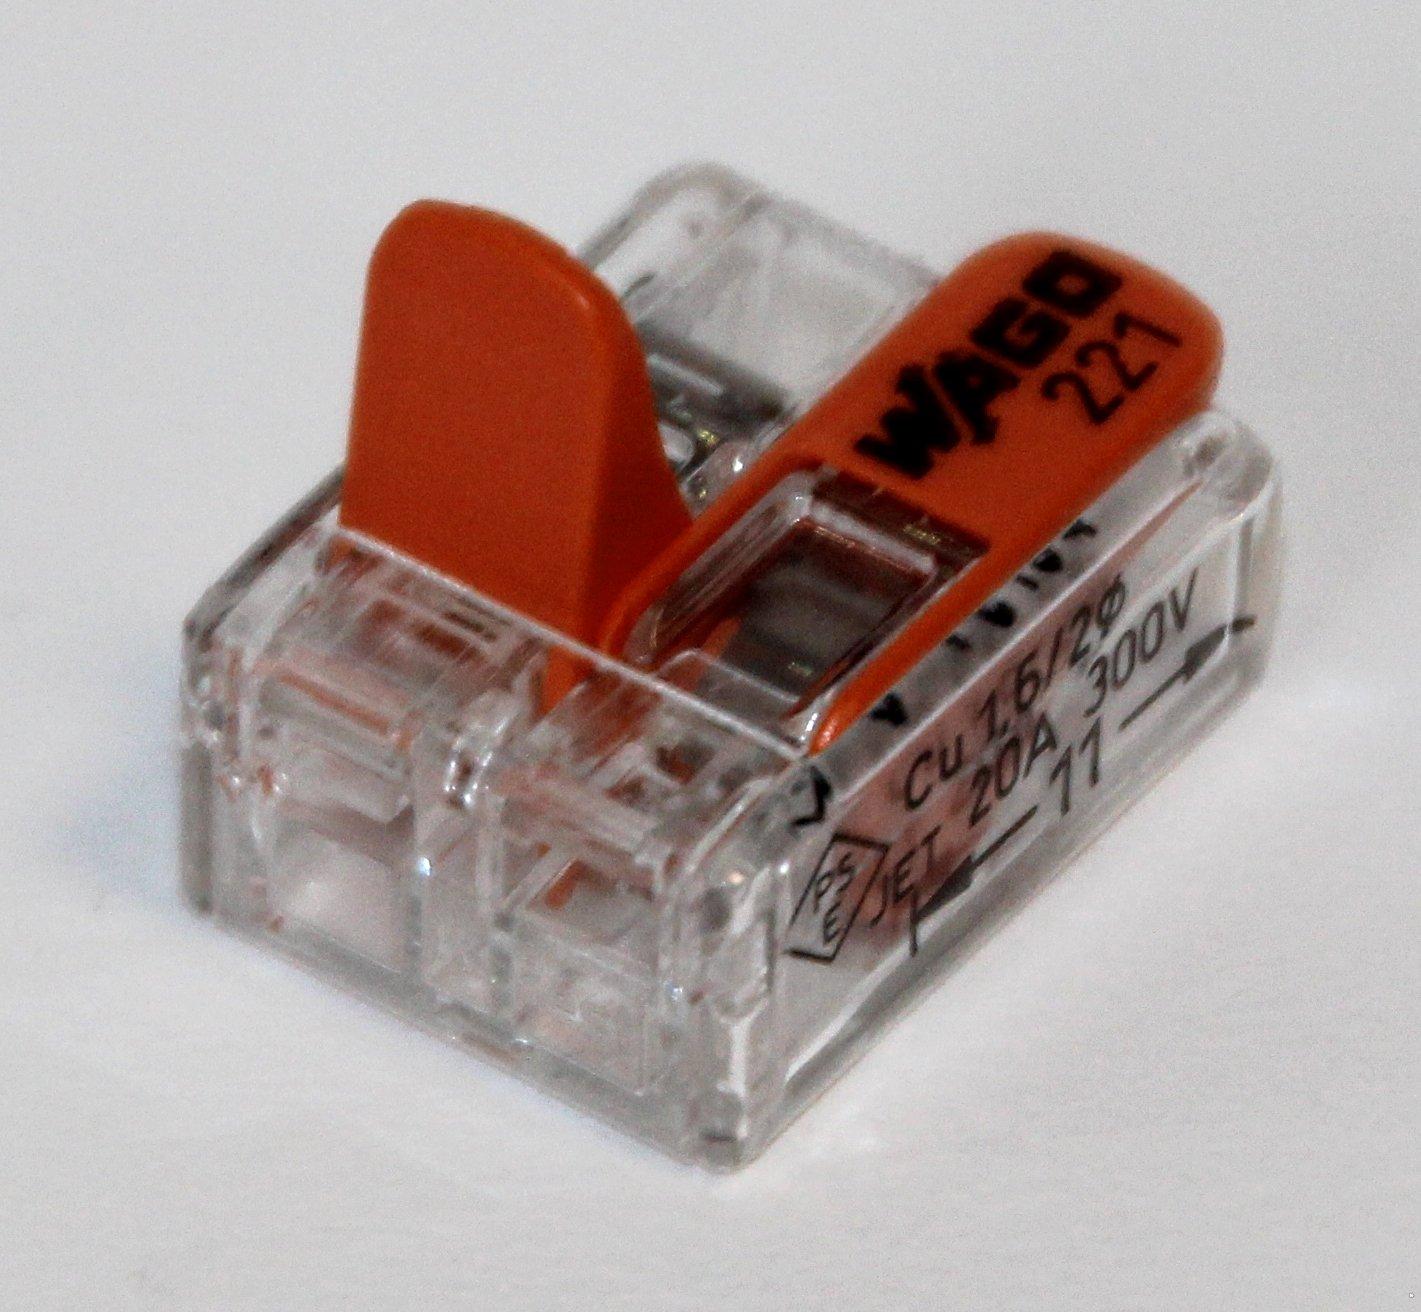 - Avec bo/îte refermable Wago 221 25 x 221-412, 25 x 221-413, 25 x 221 415 Set de 75 connecteurs de c/âble